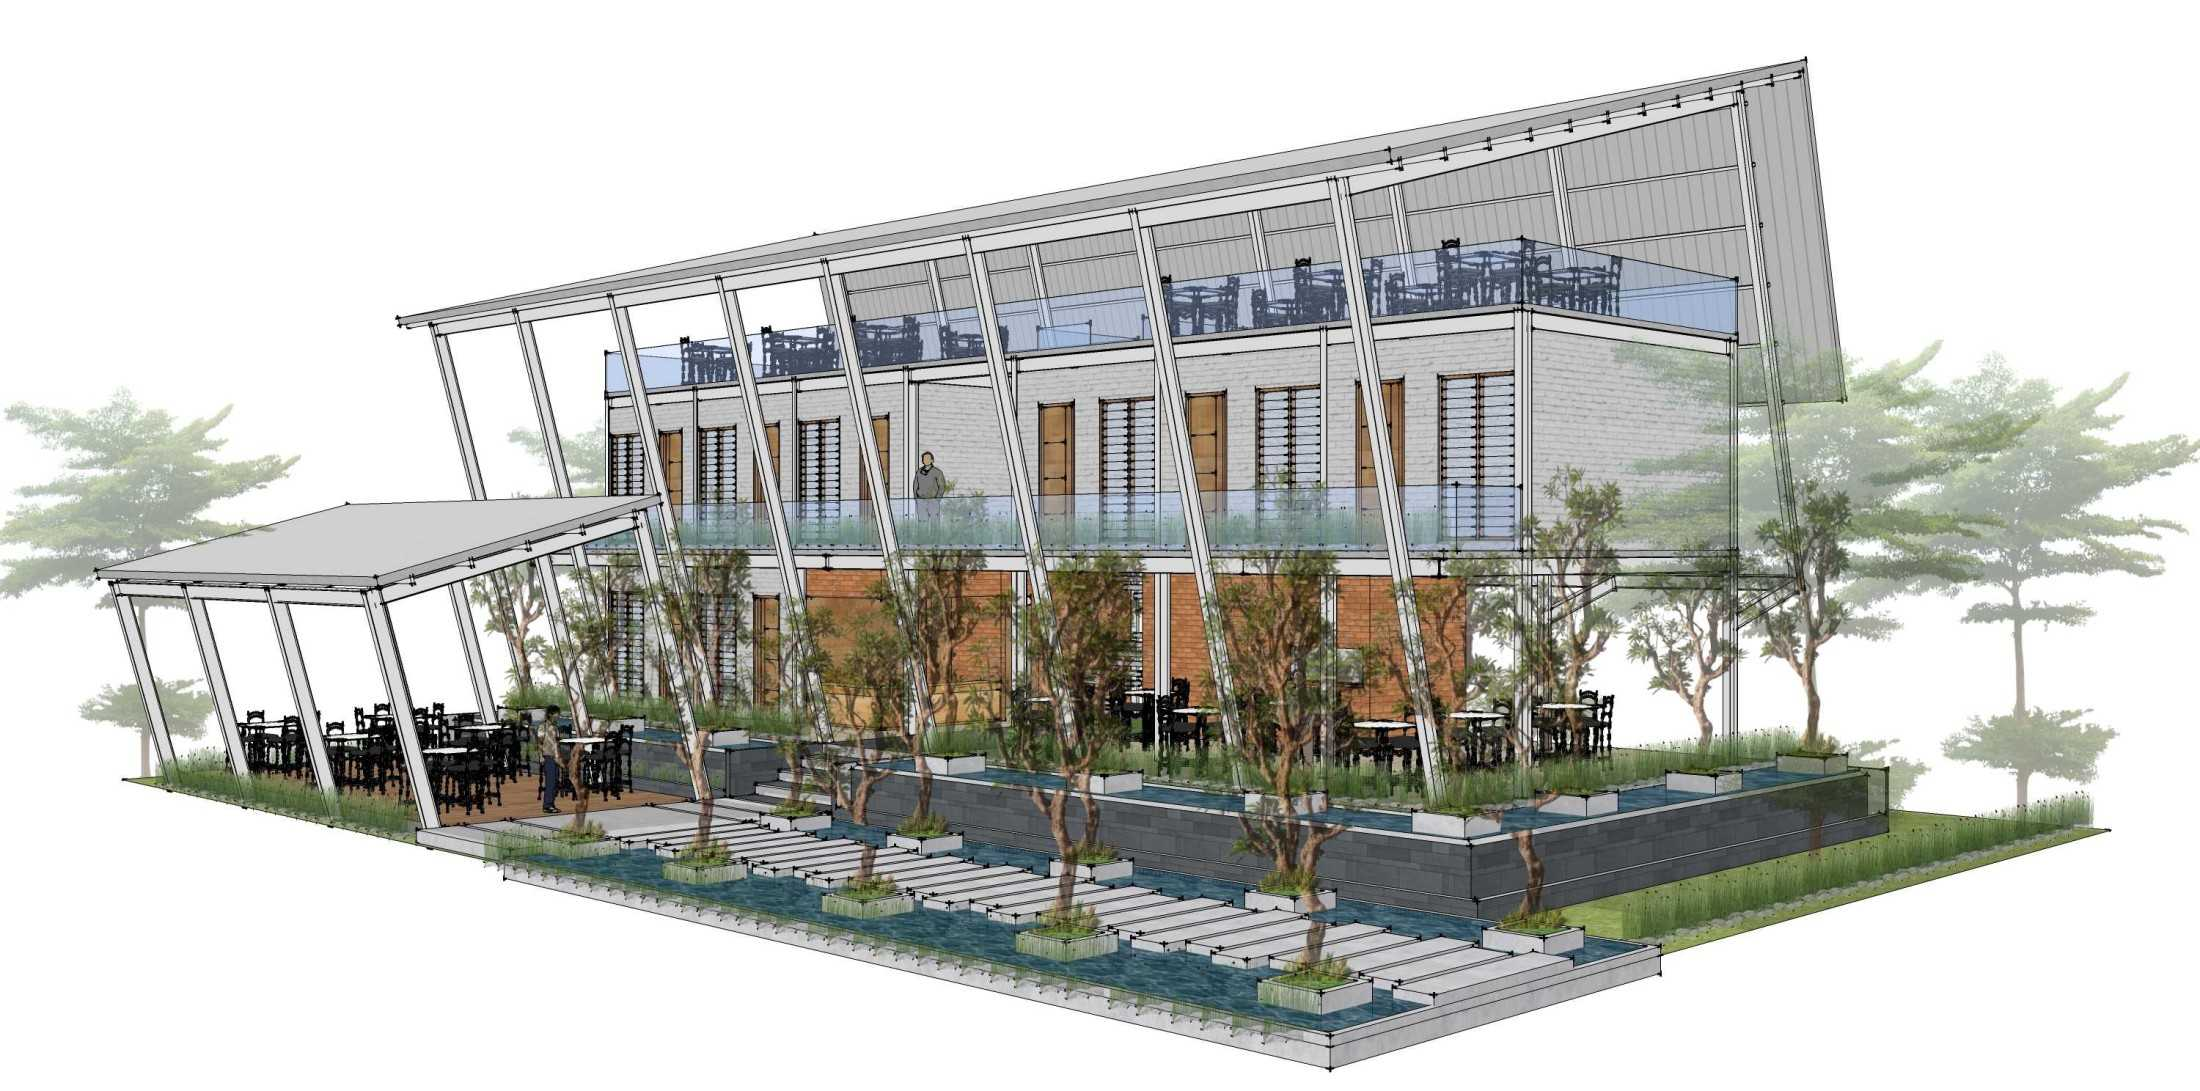 Ardea Architects The Sloping Hostel Myo Thar, Myanmar (Burma) Myo Thar, Myanmar (Burma) Ardea-Architects-The-Sloping-Hostel  58631